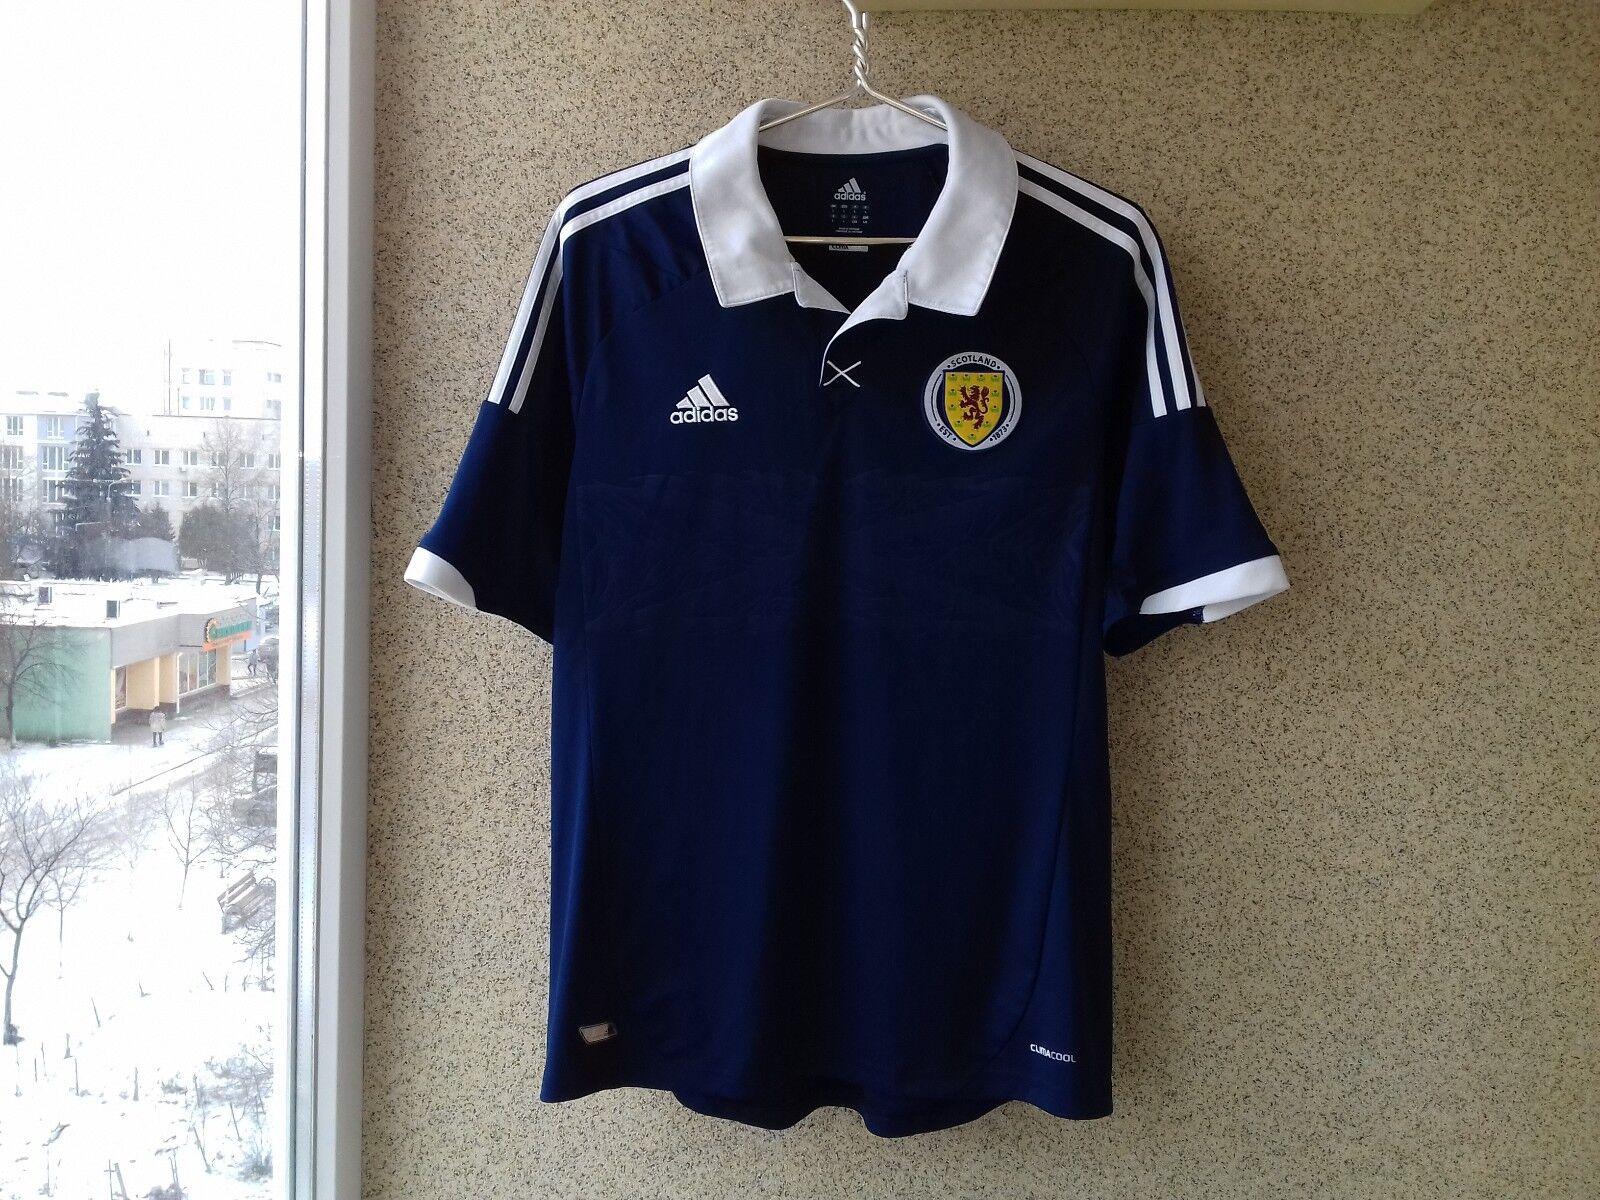 low priced 65c1f e2ce9 Scotland 2012 2013 2014 Adidas Jersey Home football shirt L Soccer Camiseta